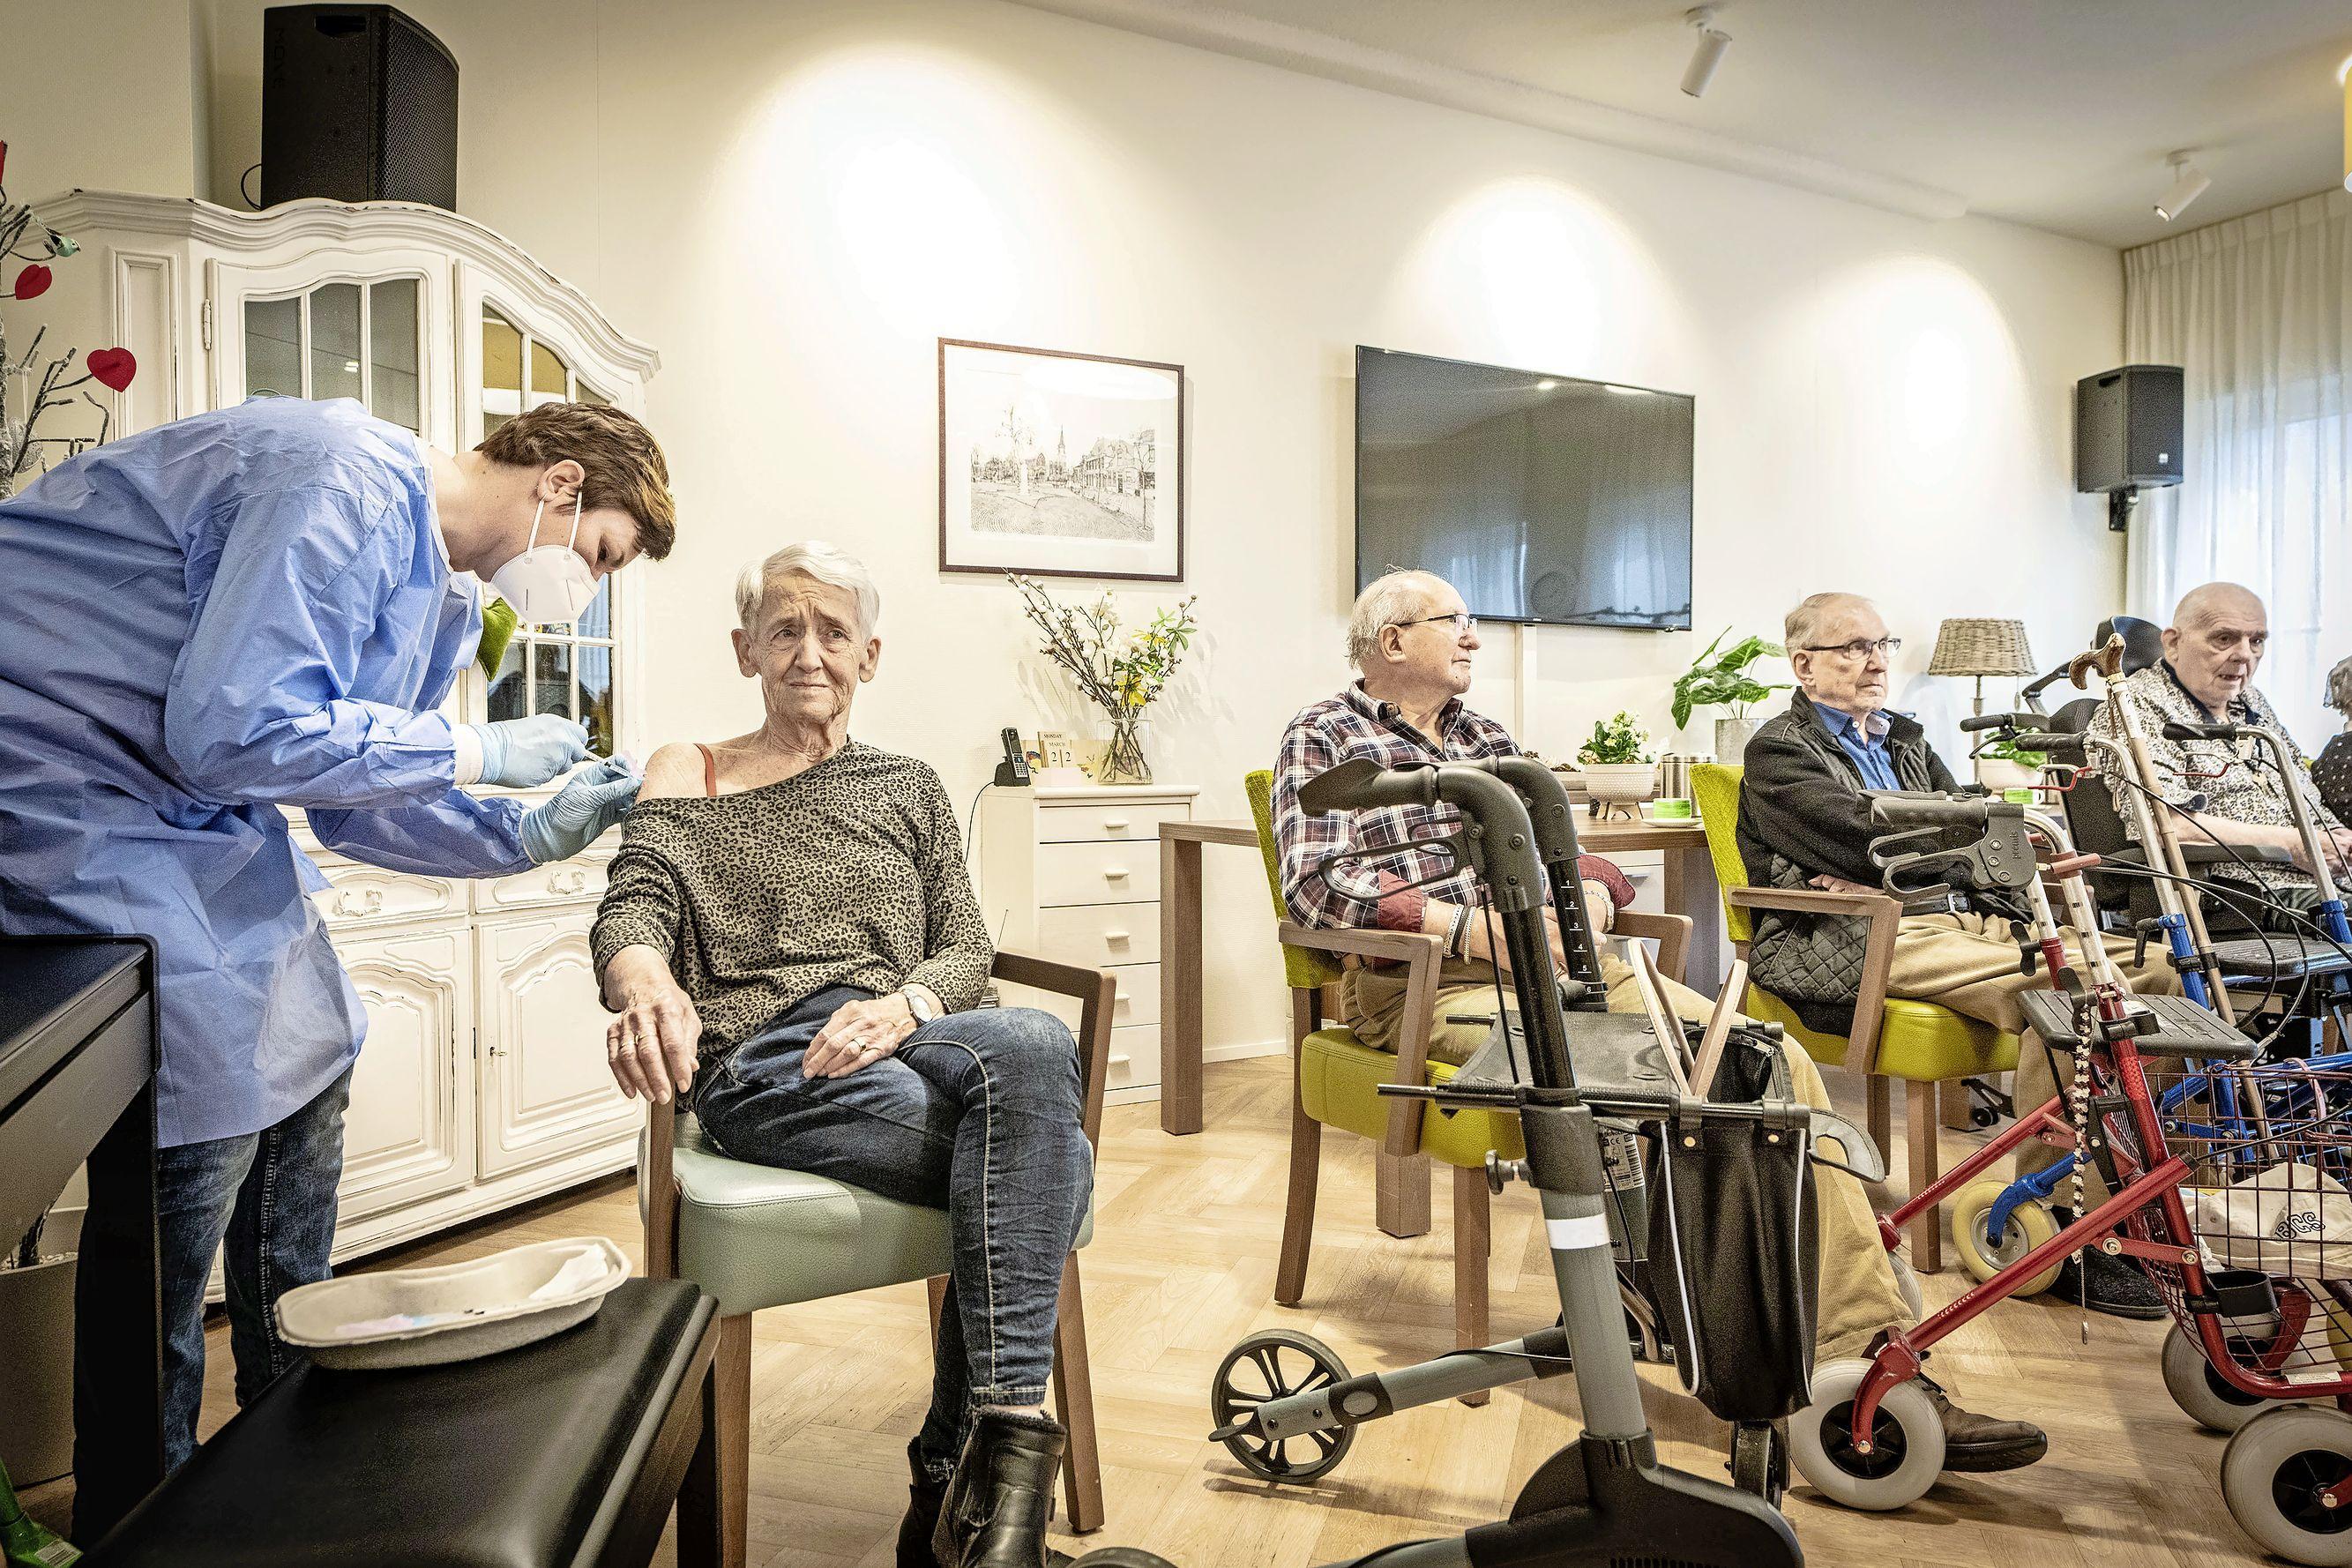 Prikteams van de huisartsen waaieren uit over de regio Zuid-Holland Noord met hun coronavaccins: 'Ik ben zo dankbaar. Dit is levensreddend'